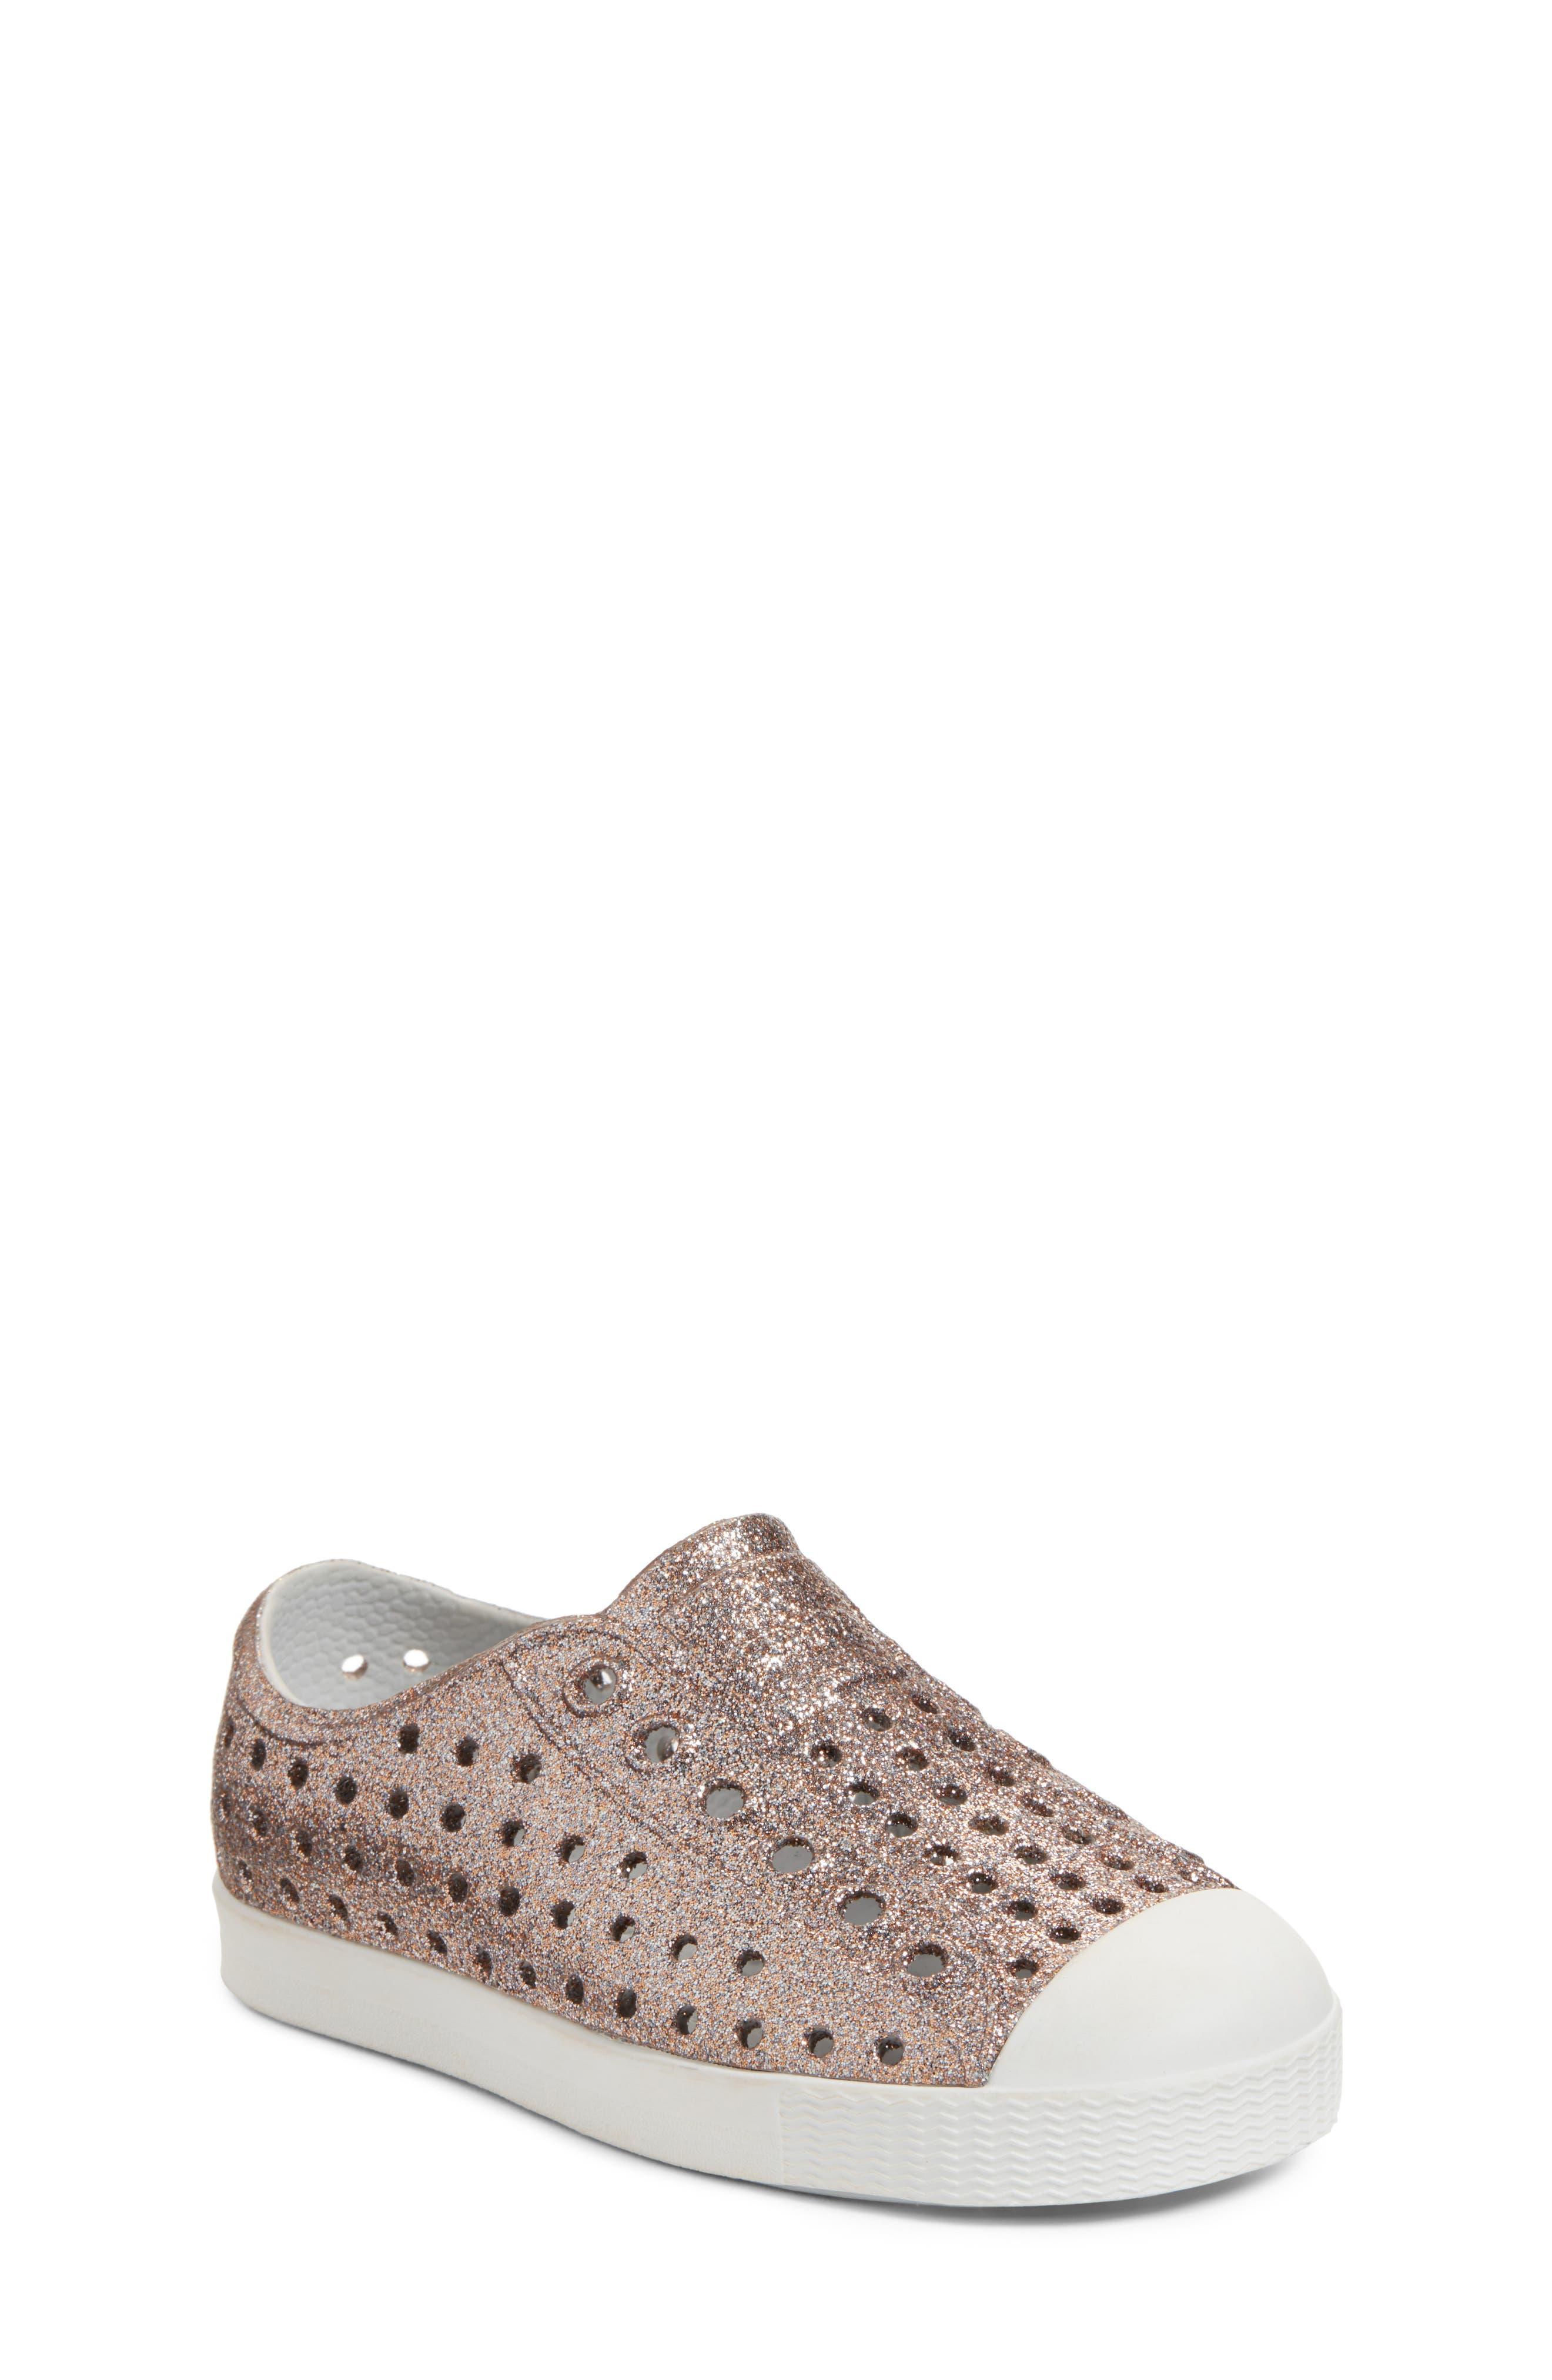 Jefferson - Bling Glitter Slip-On Sneaker,                             Main thumbnail 1, color,                             METALLIC BLING/ SHELL WHITE